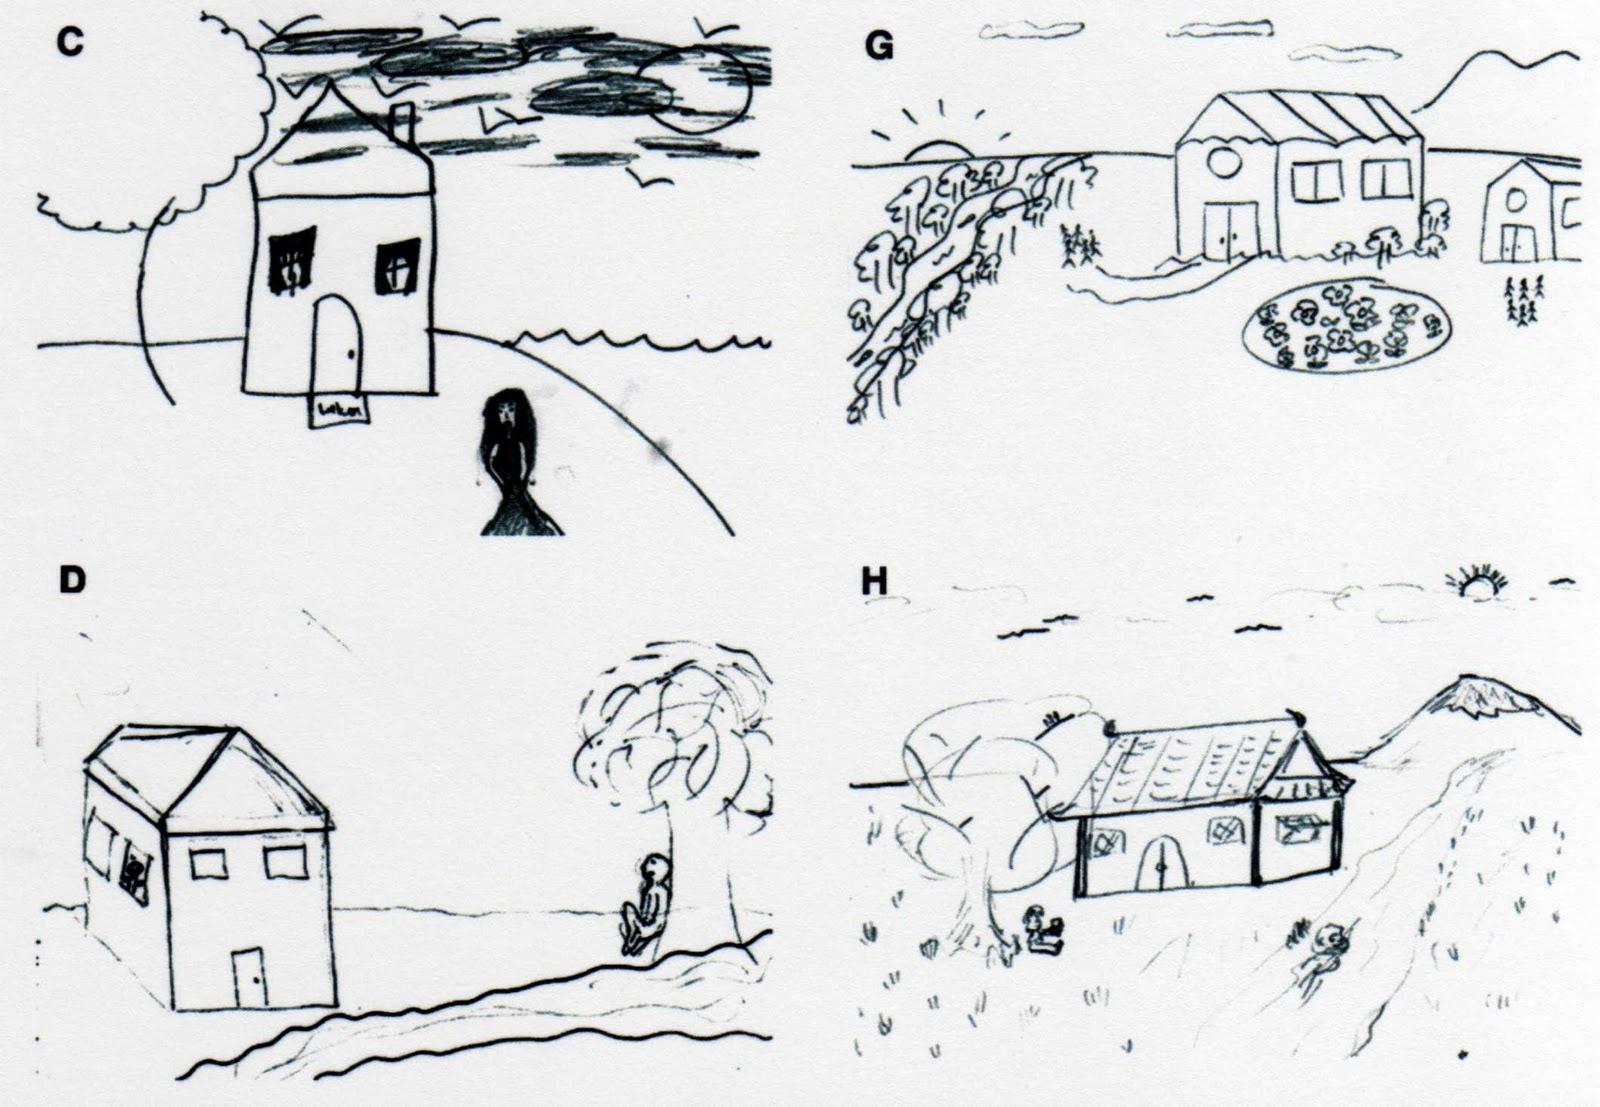 La photo et les dessins de gauche ont été réalisés par des étudiants étasuniens usa alors que la photo et les deux dessins de droite lont été par